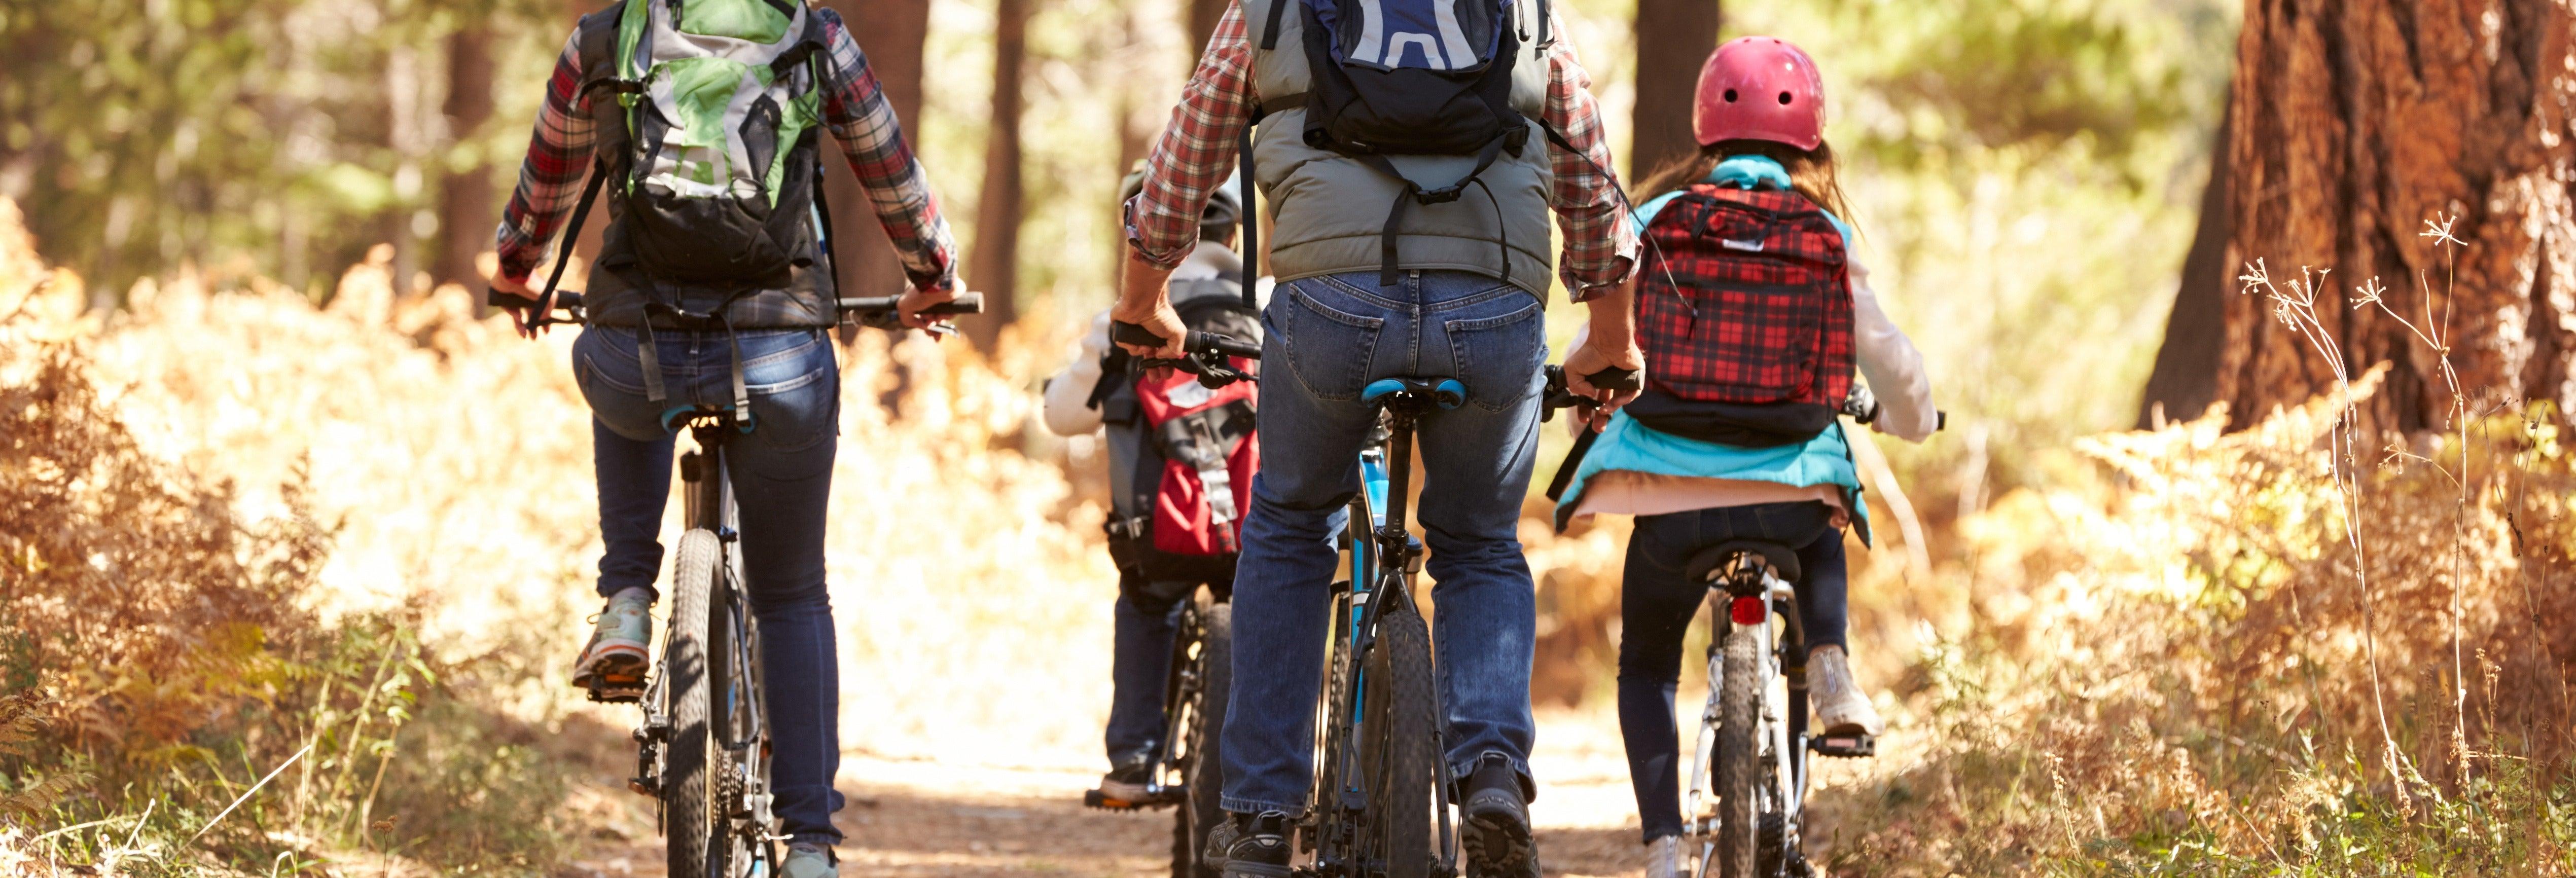 Aluguel de bicicleta em Camigliatello Silano